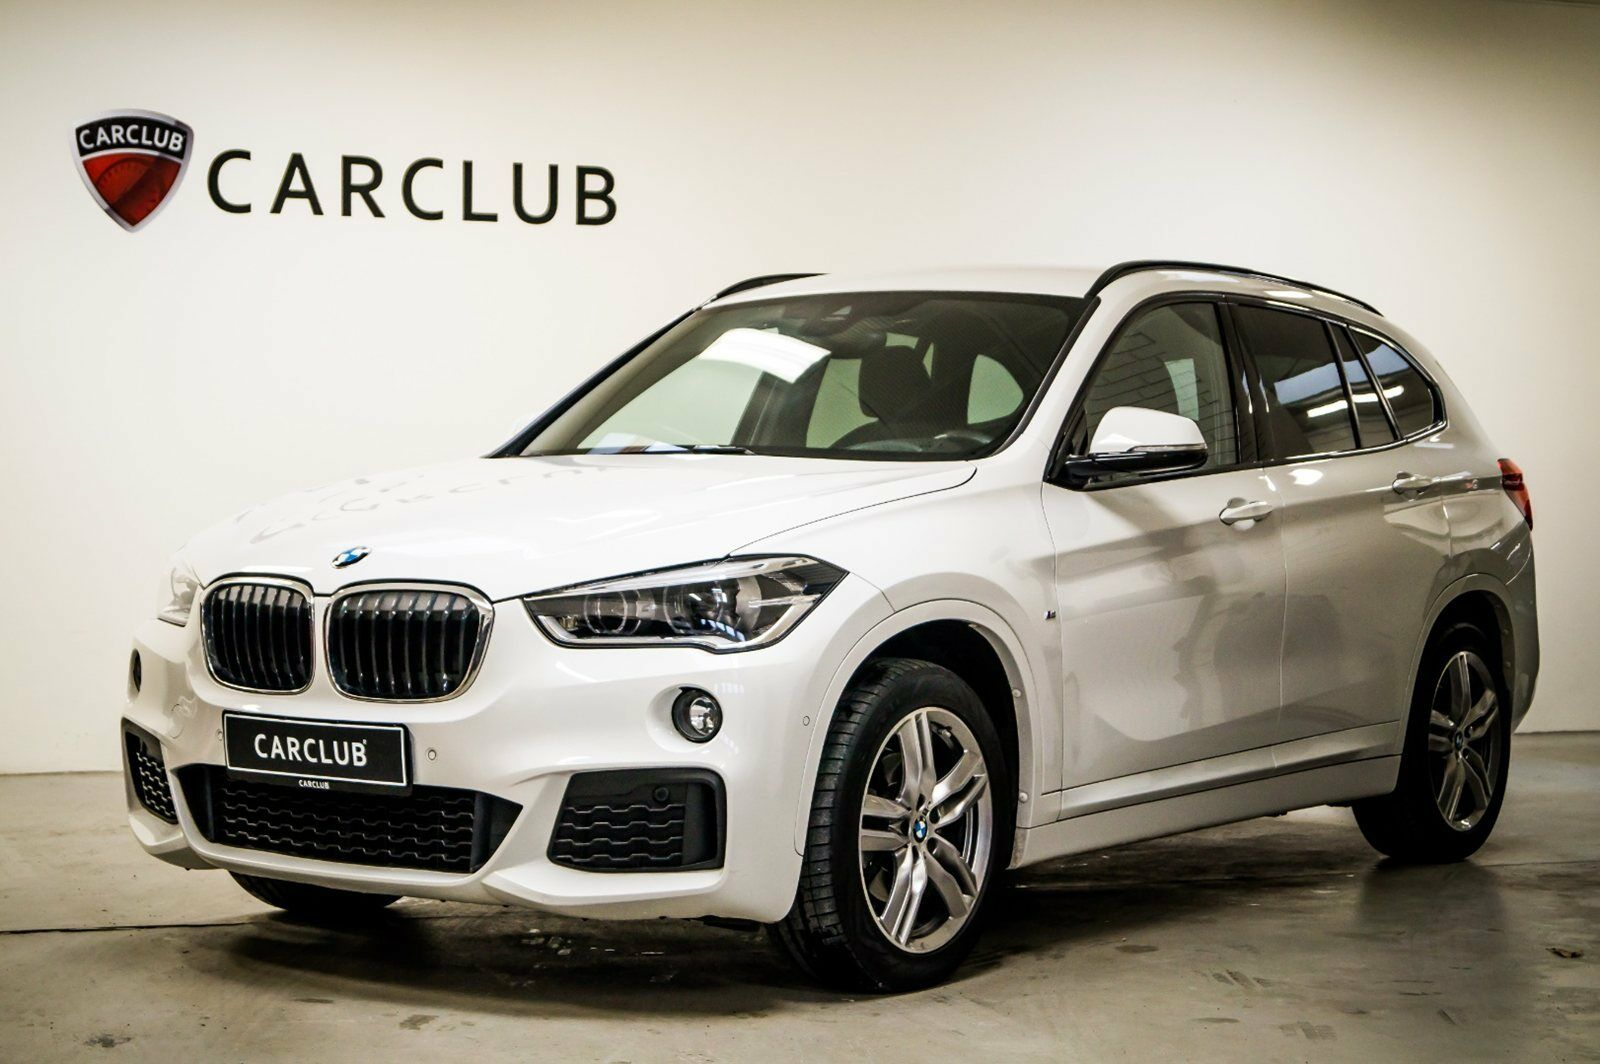 BMW X1 2,0 sDrive18d aut. 5d - 369.900 kr.